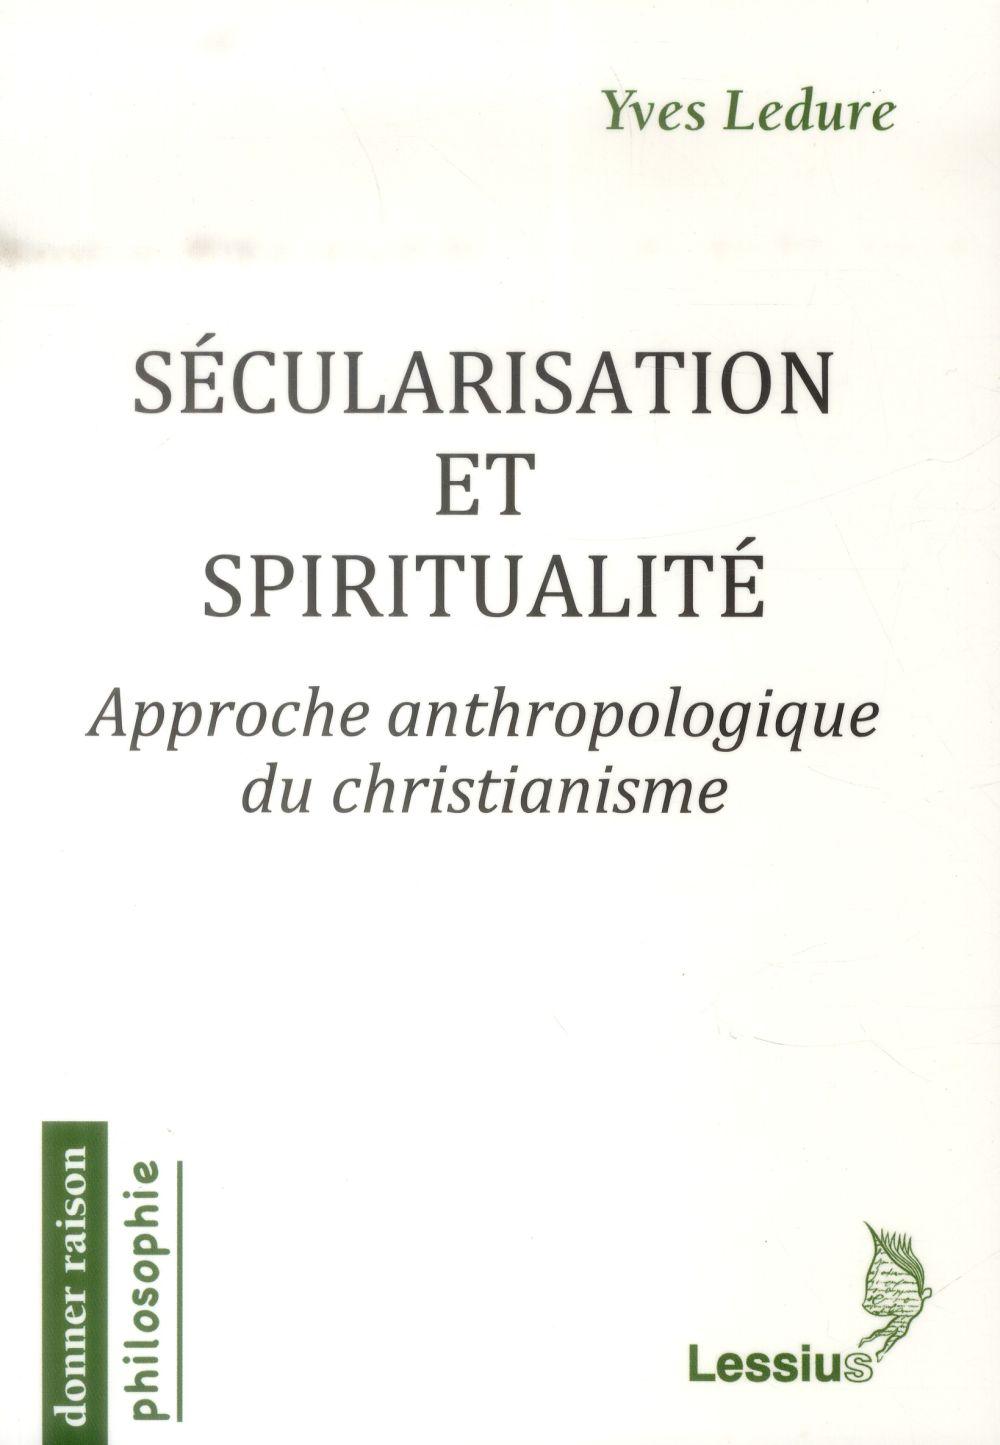 SECULARISATION ET SPIRITUALITE